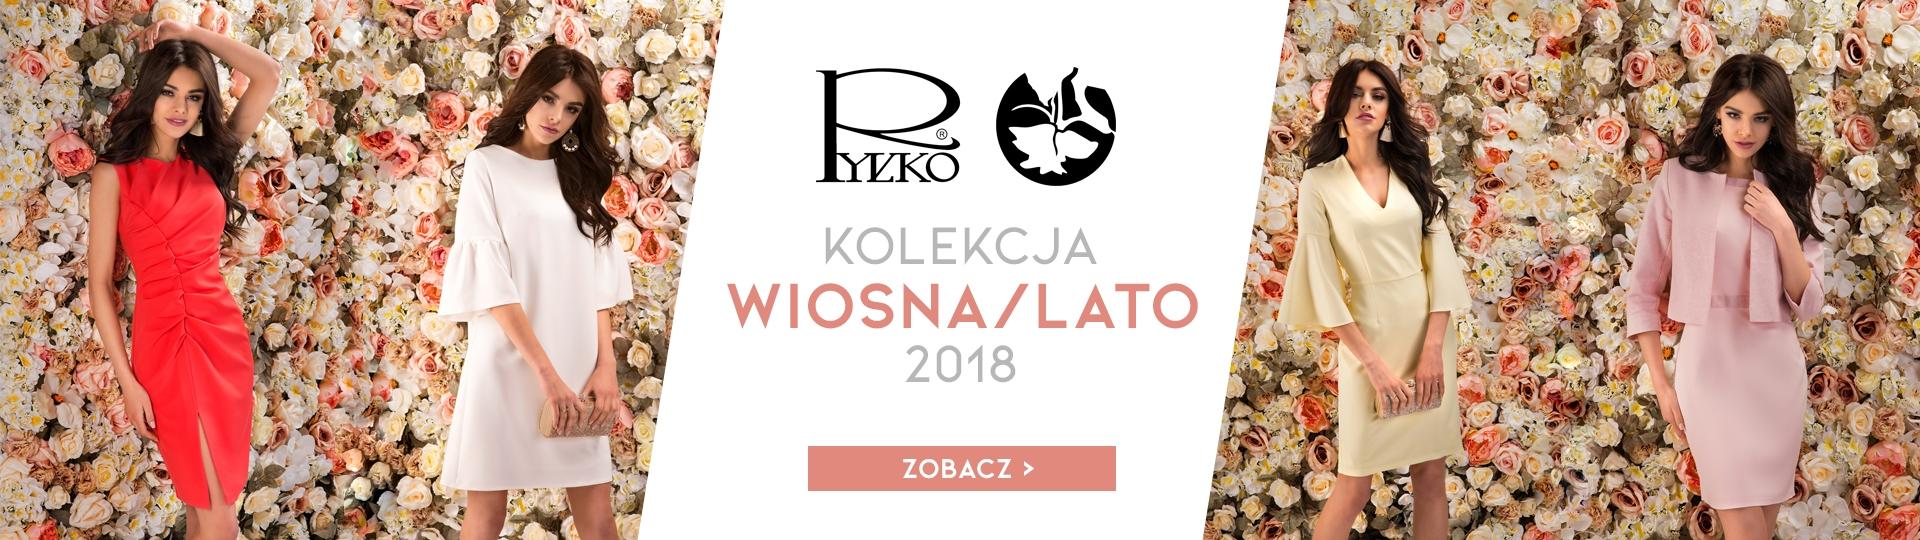 Nowa kolekcja WL 2018